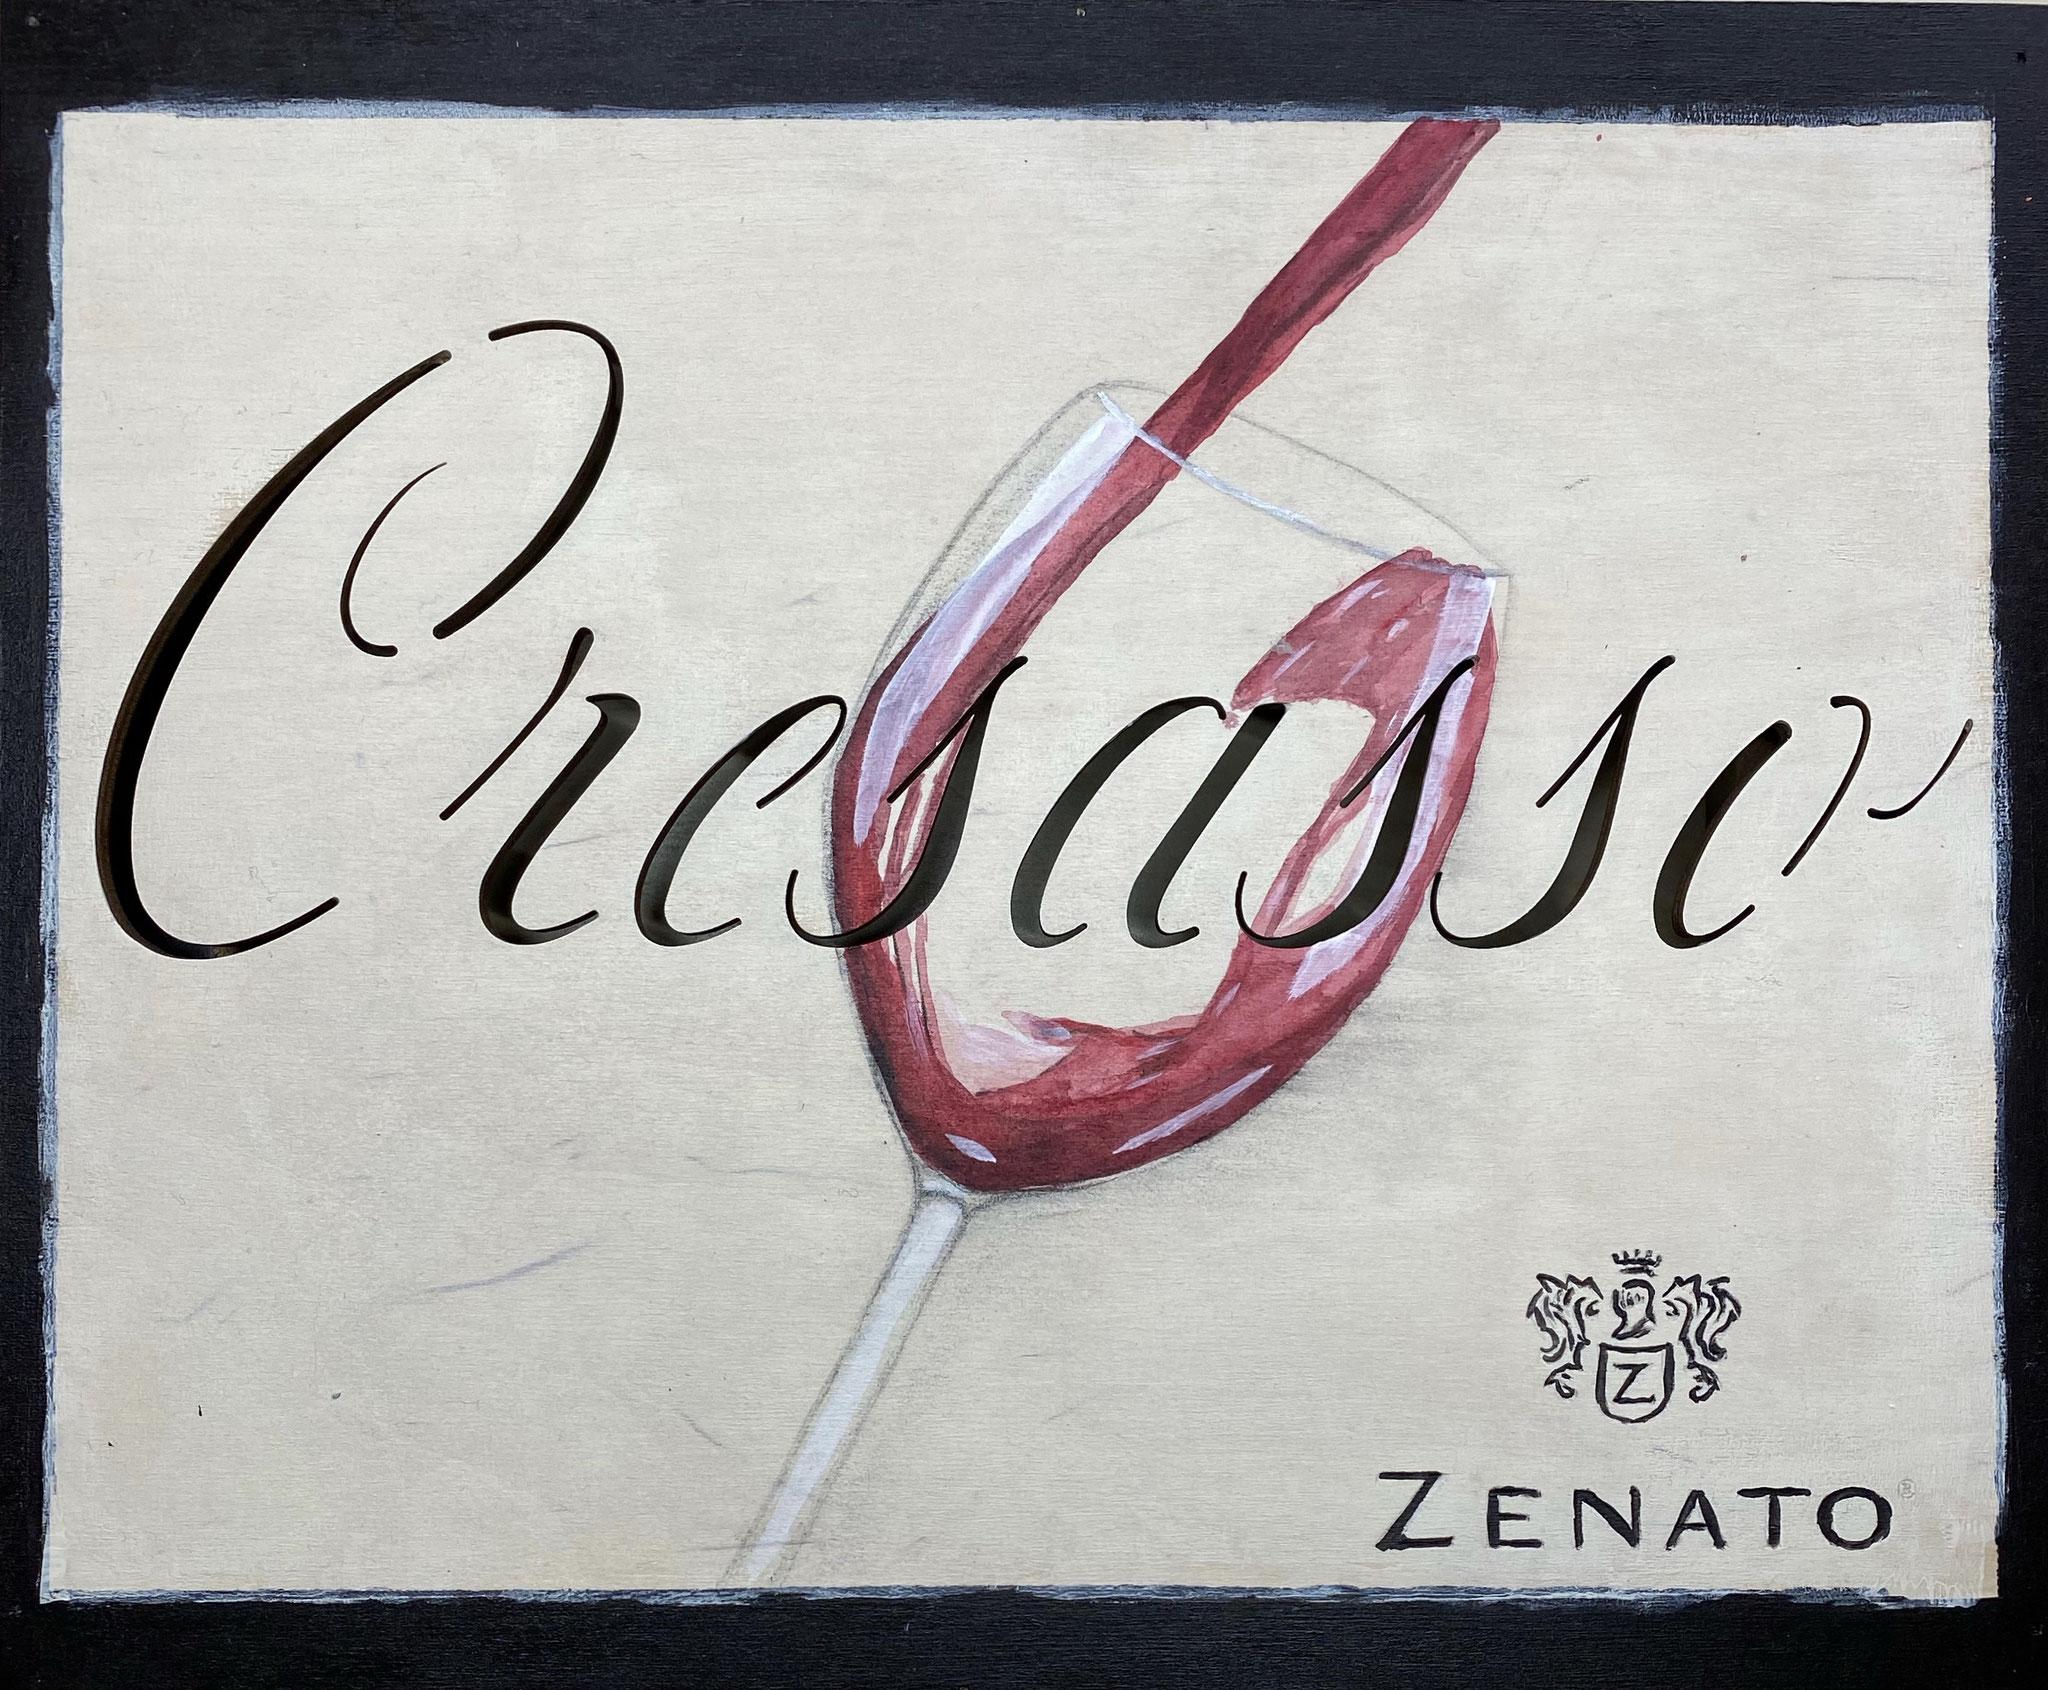 Cresasso Zenato